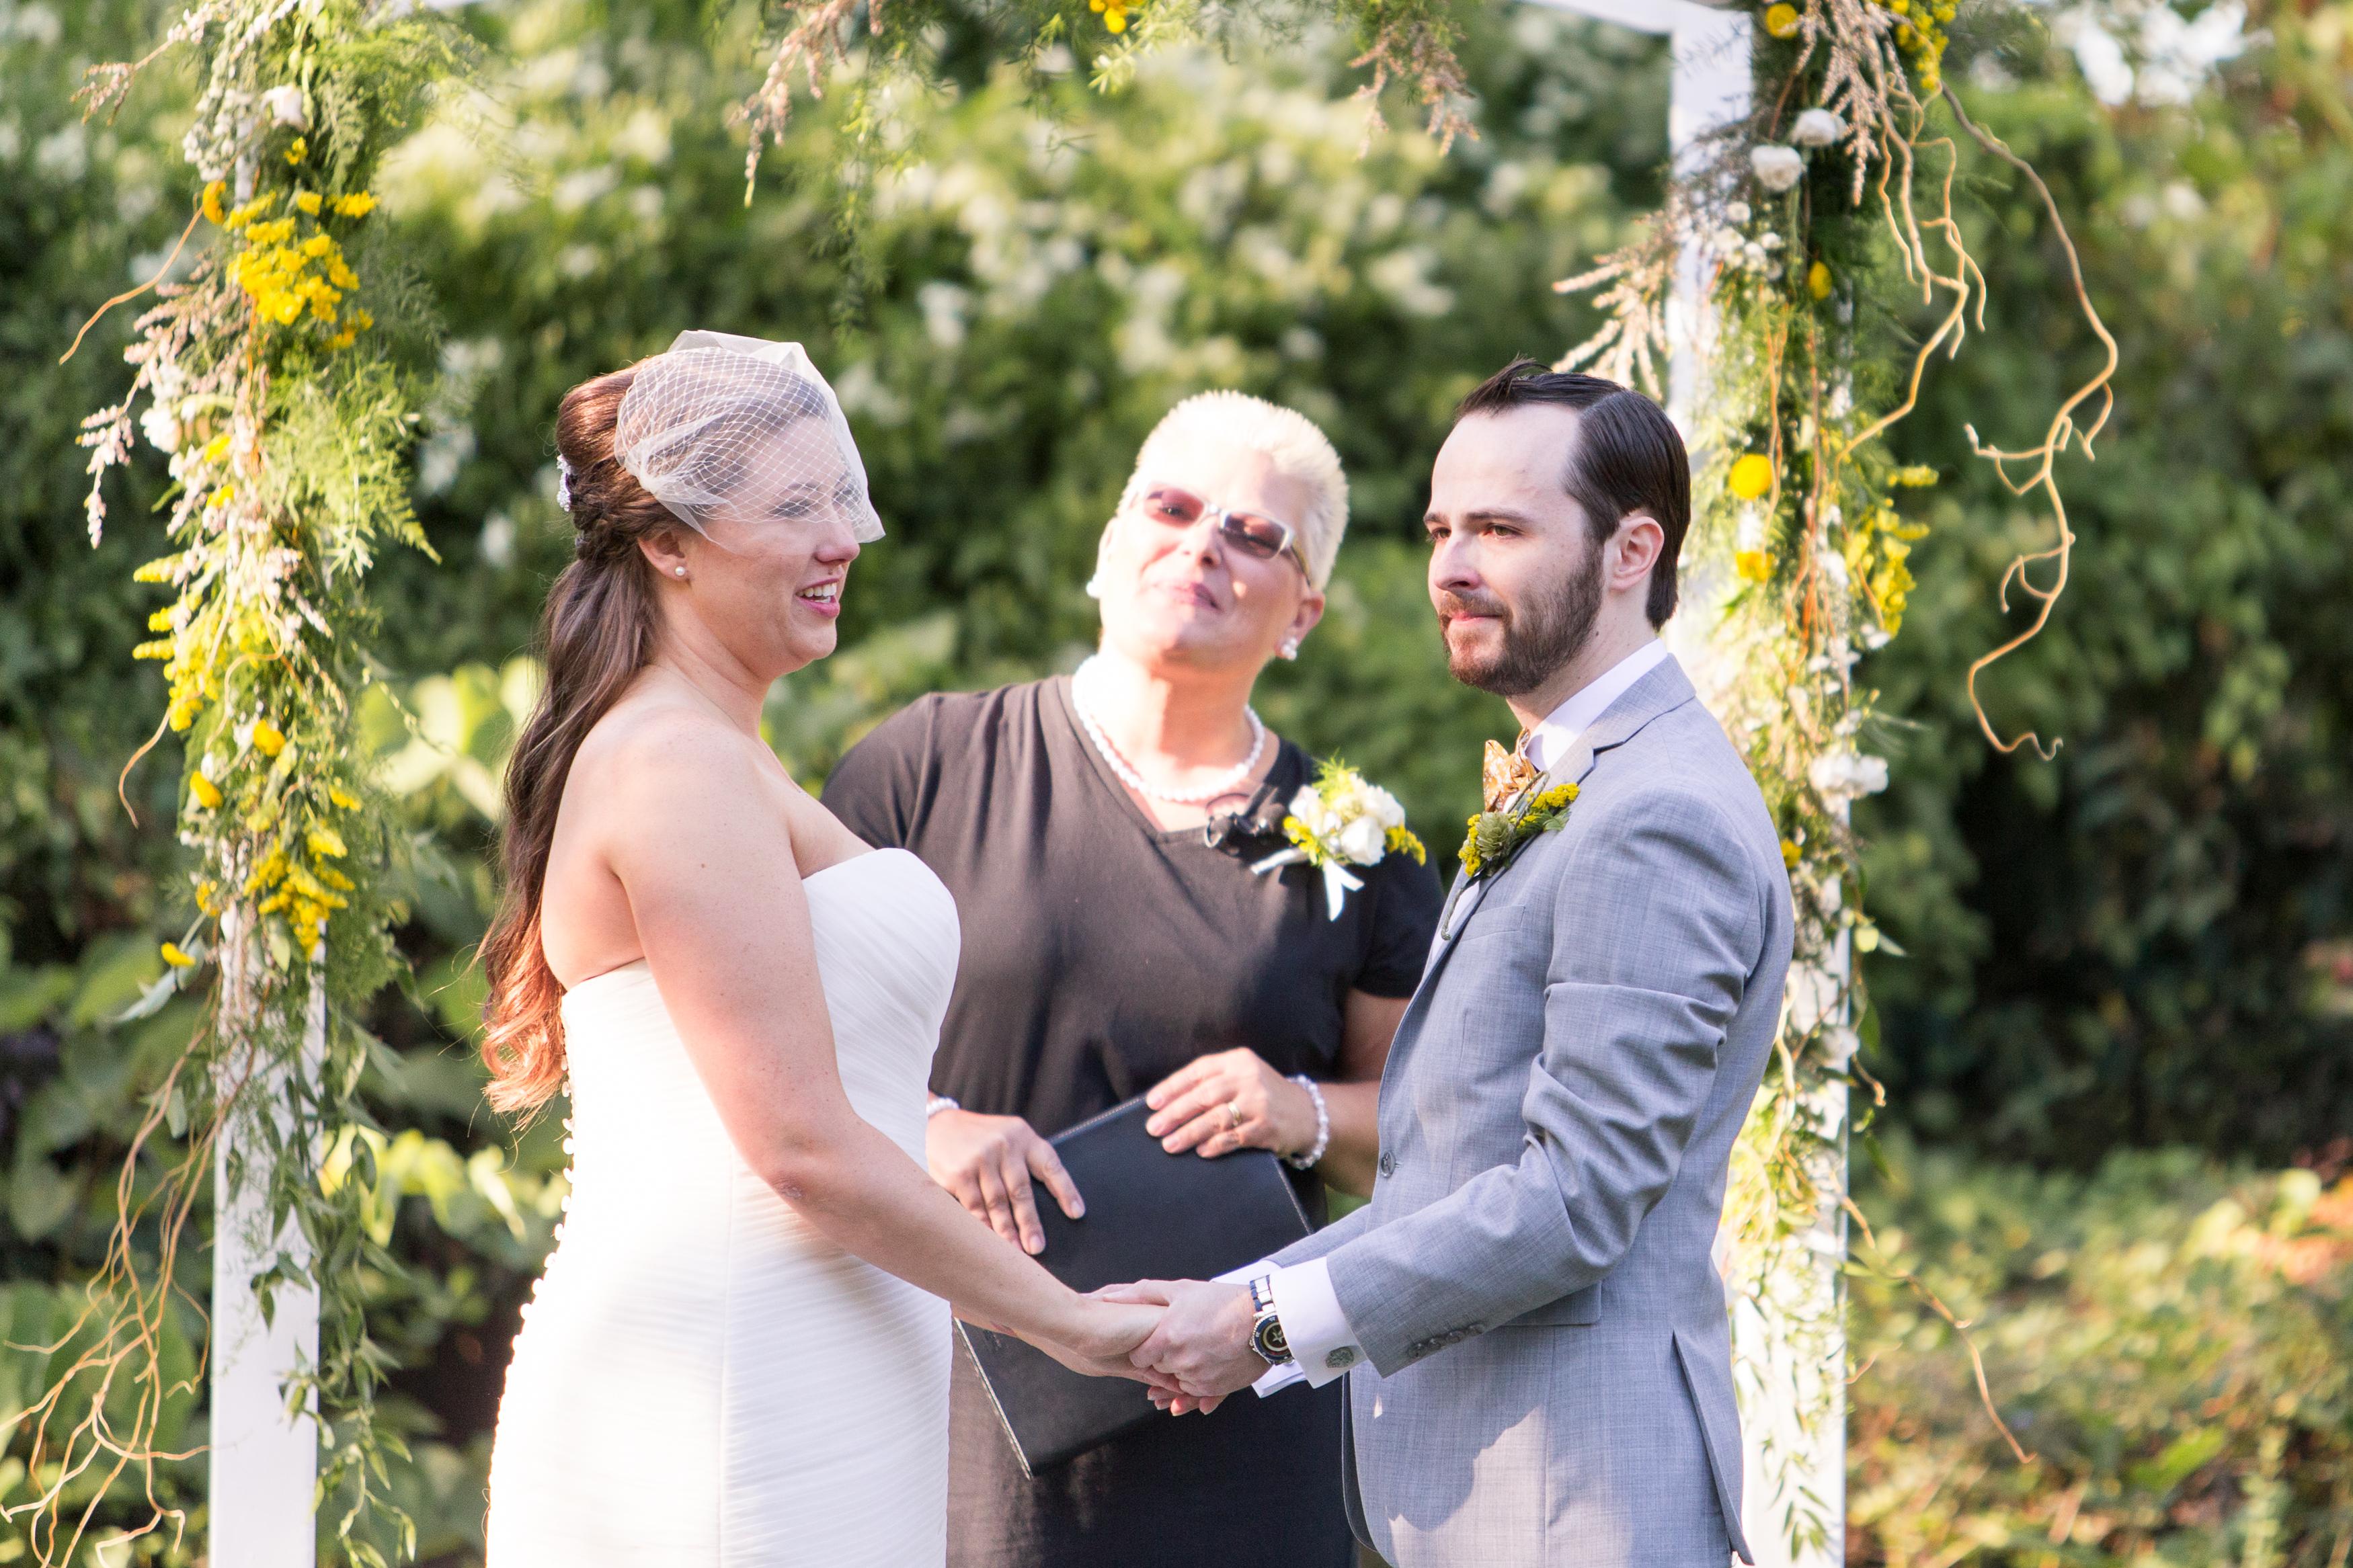 Muncie Indiana wedding at Minnetrista Oakhurst Formal Gardens